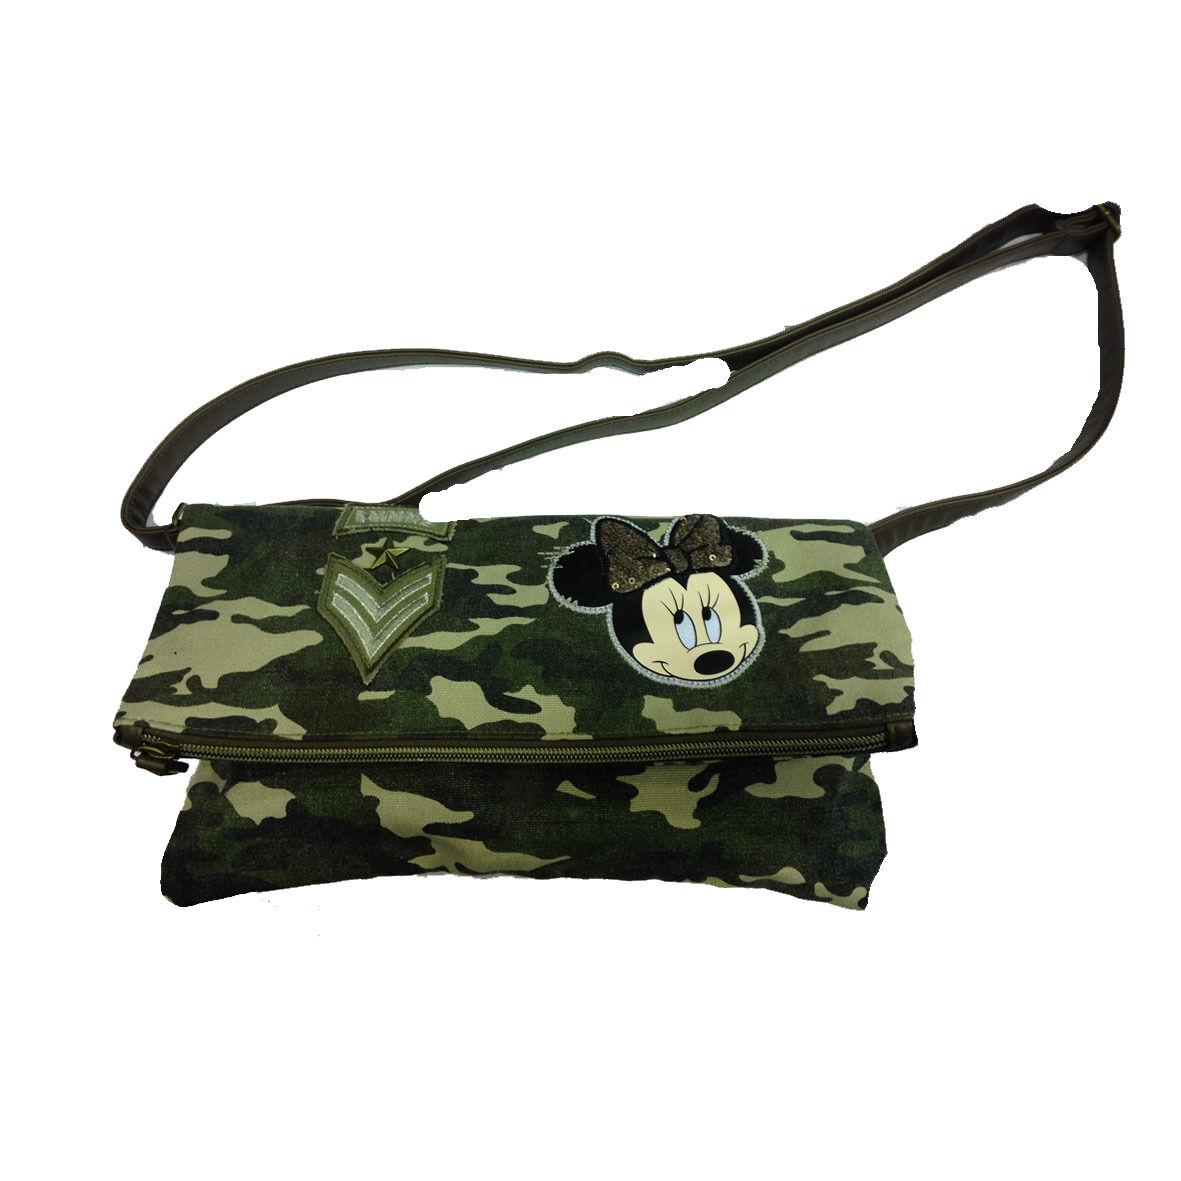 MINNIE borsa tracolla regolabile in stoffa camouflage vintage e pallets 31x16 cm